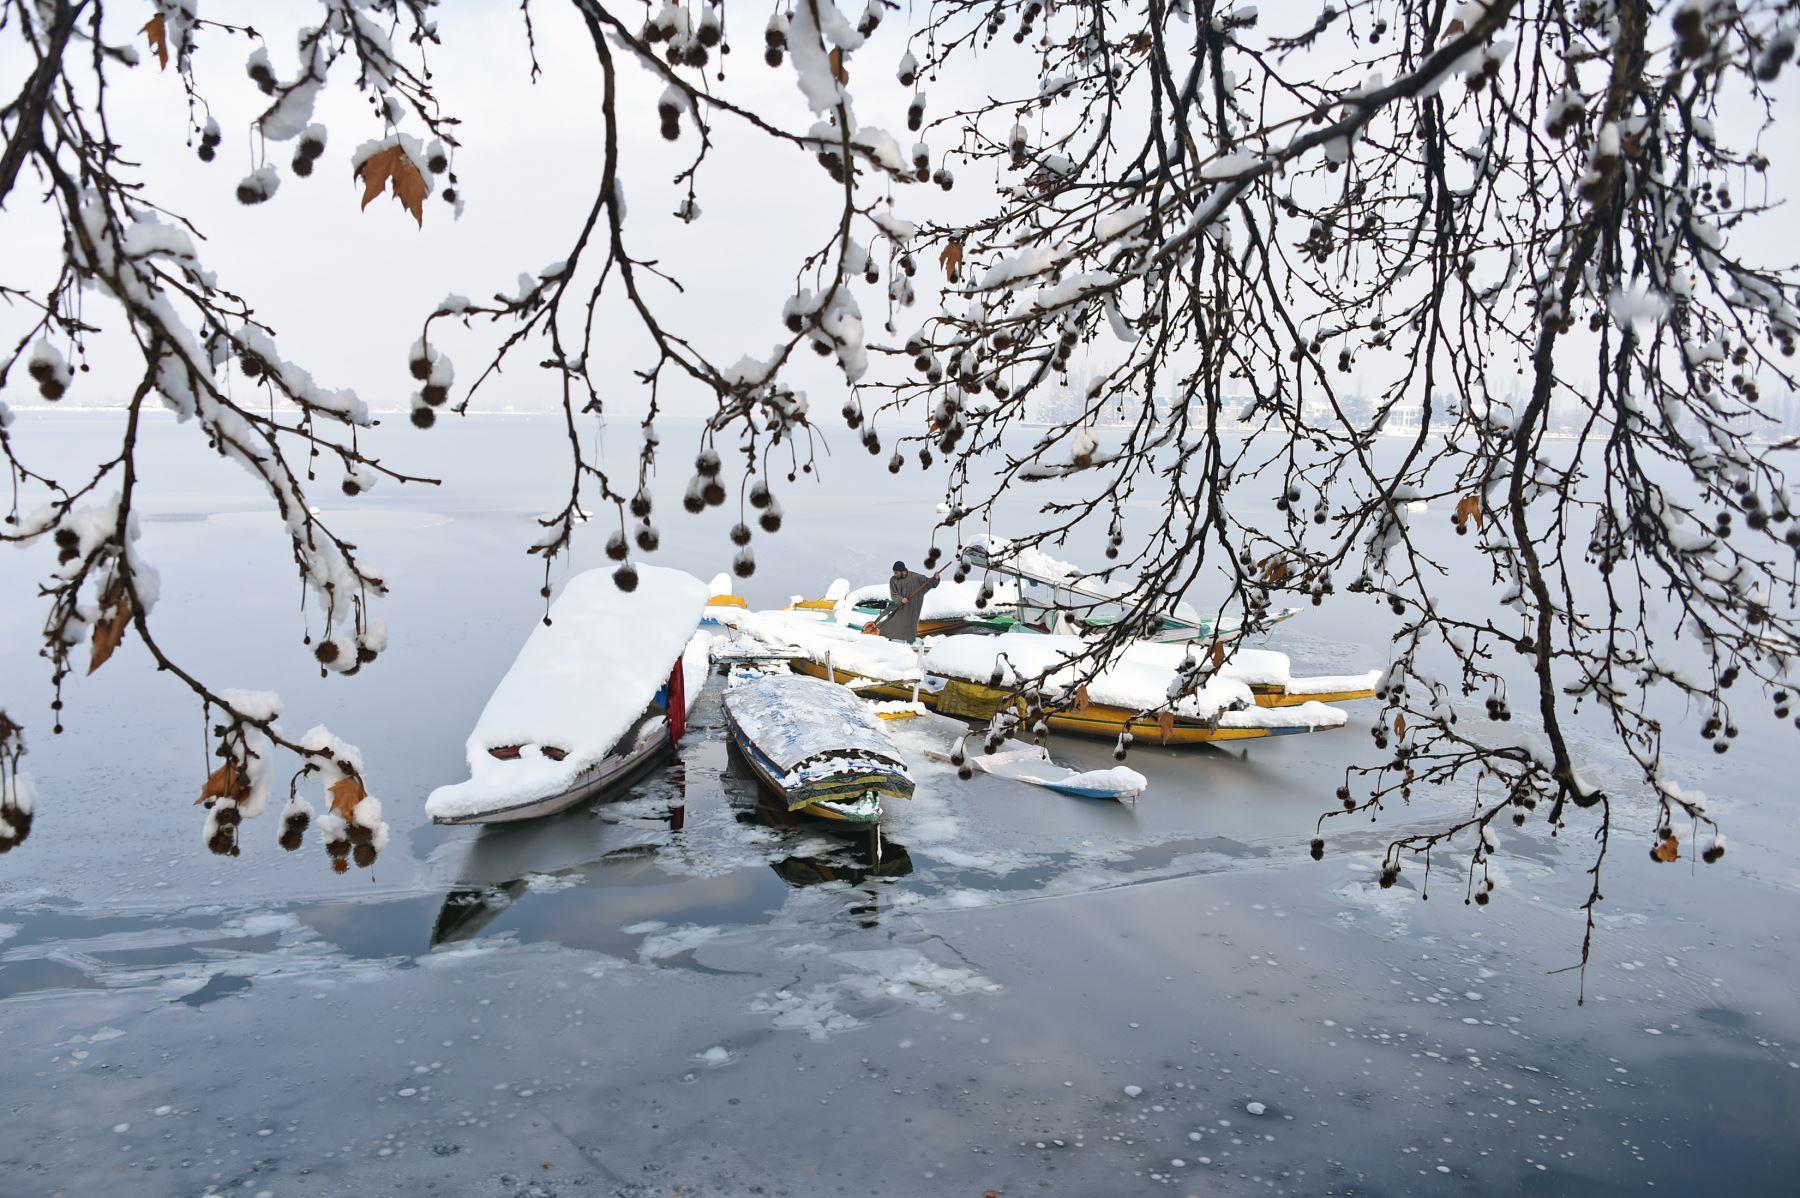 Después de una nevada en Srinagar, un botero de Cachemira quita la nieve de los botes de shikara cerca de una porción congelada del Lago Dal. - Los enlaces de la carretera de Cachemira con el resto de la India se cortaron cuando la fuerte nevada cerró la carretera nacional Jammu-Srinagar. AFP